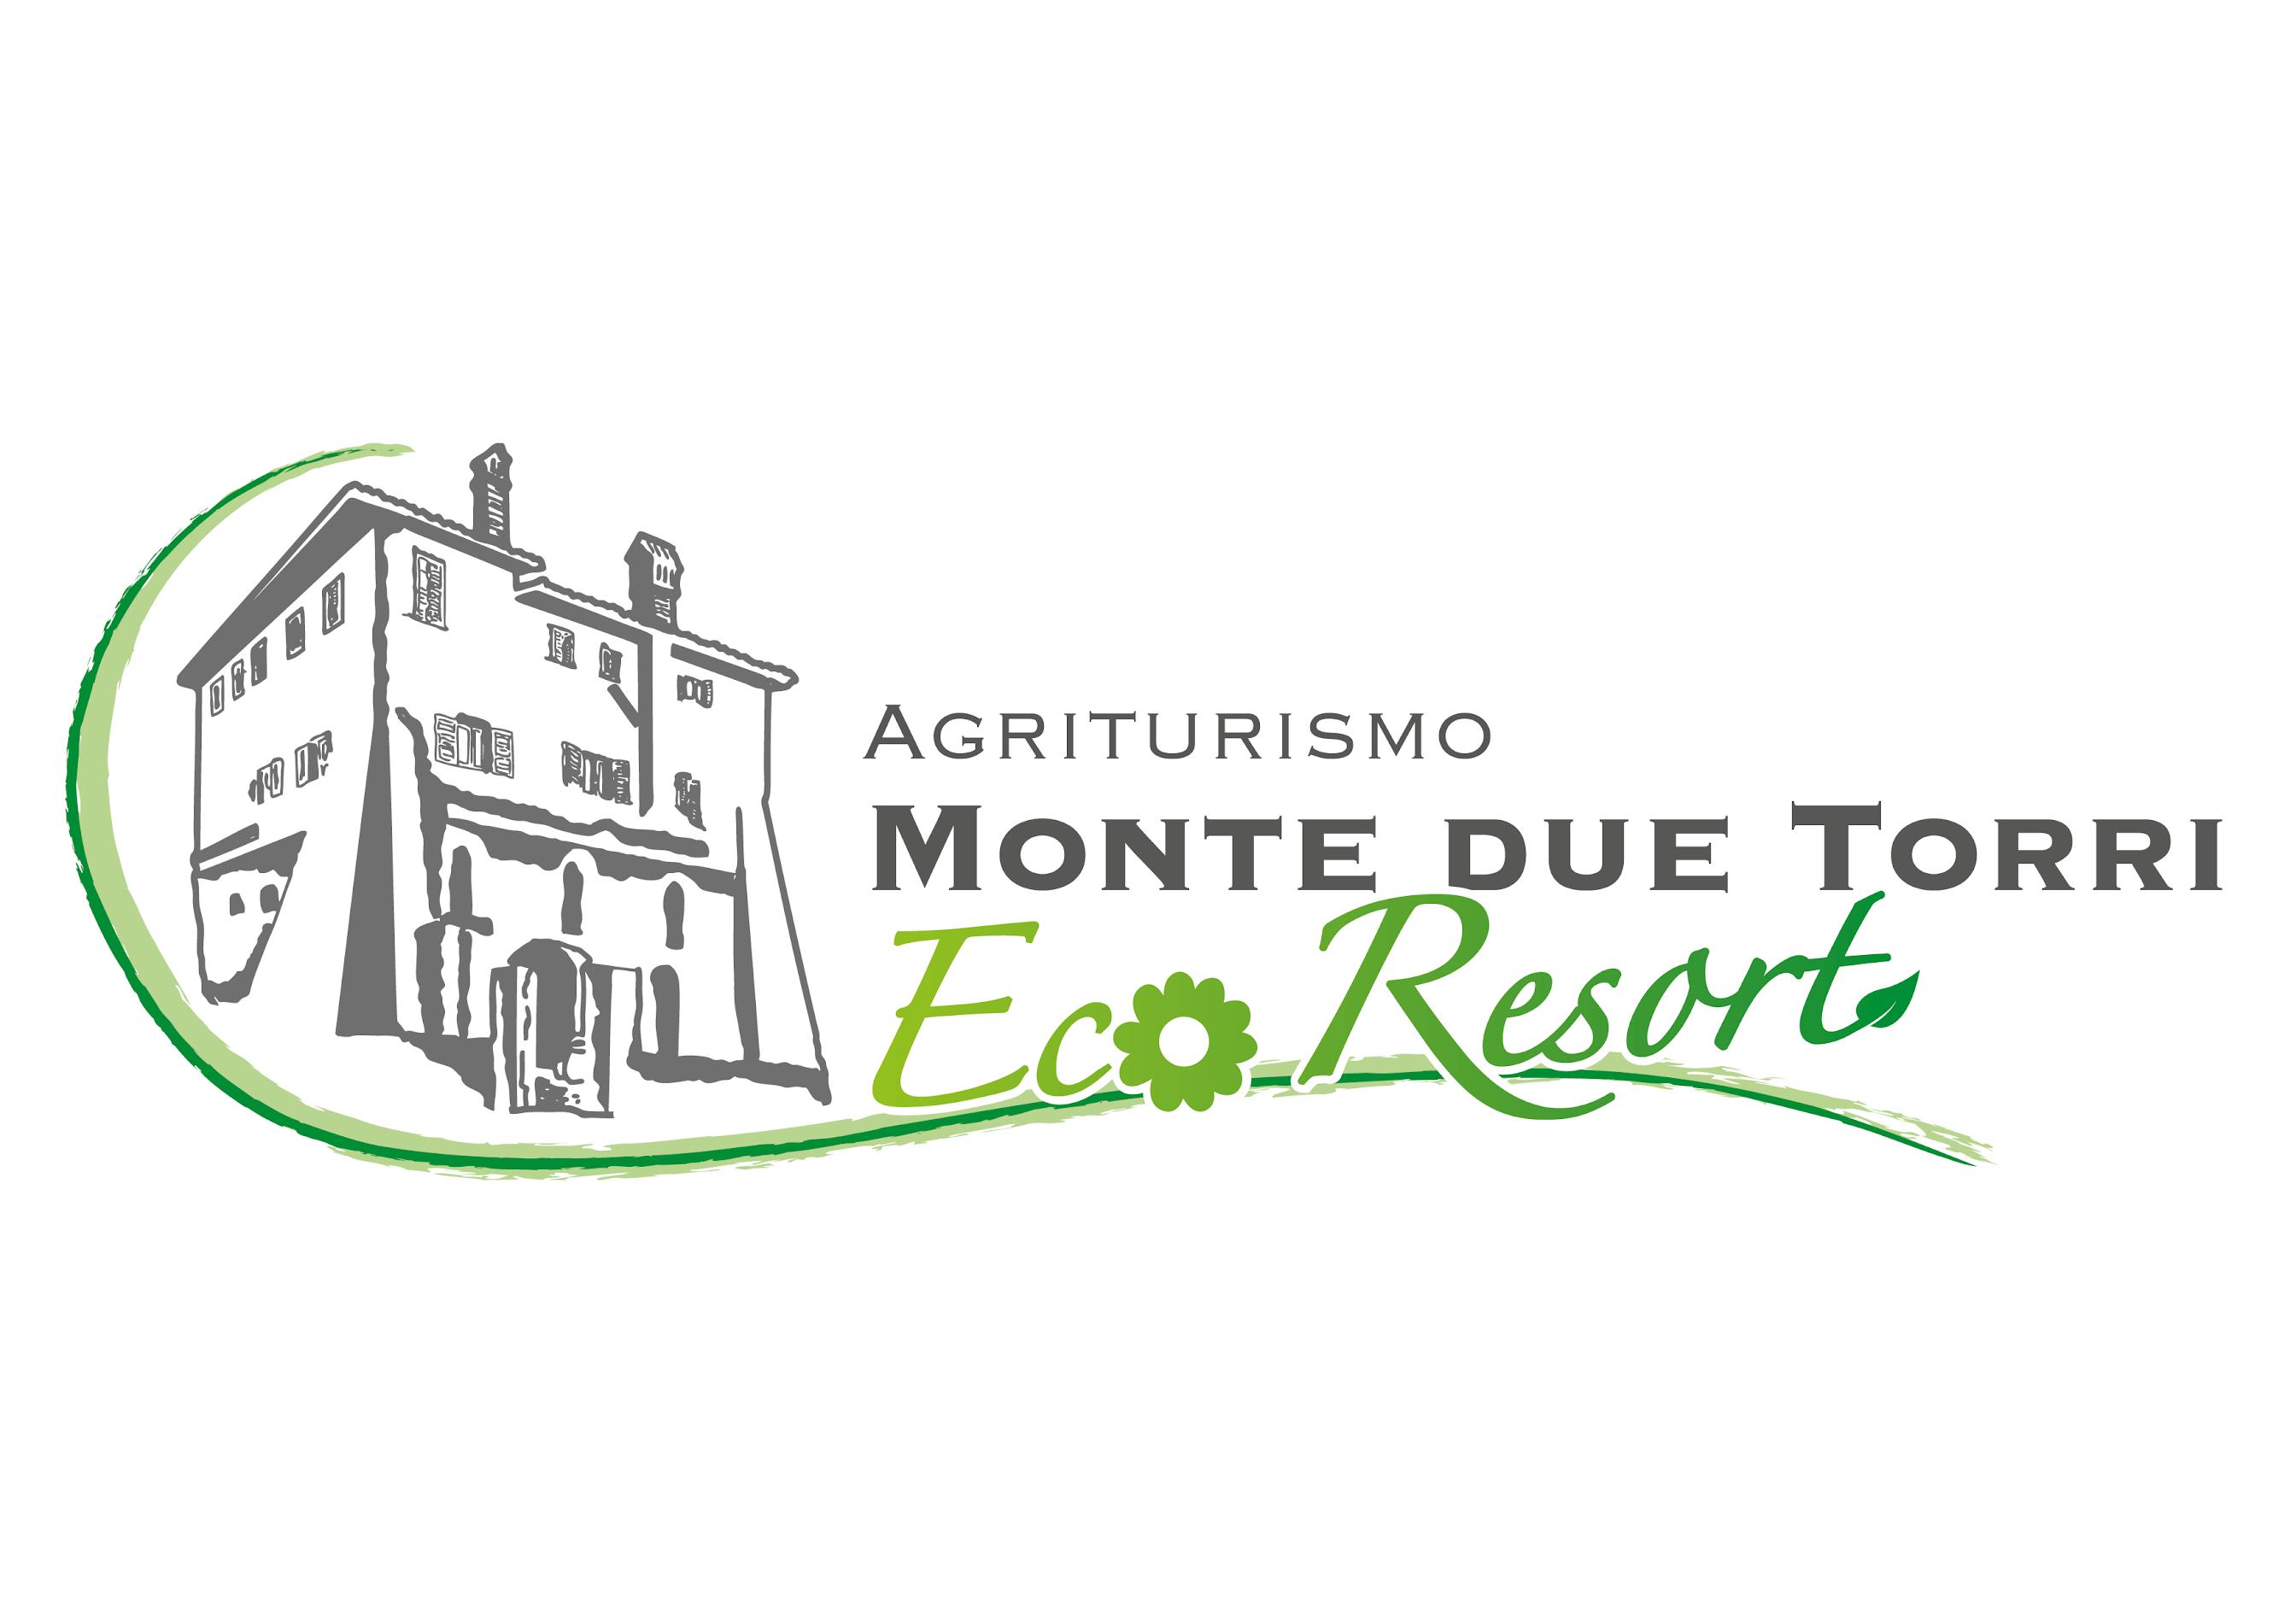 Logo Agriturismo Monte due torri